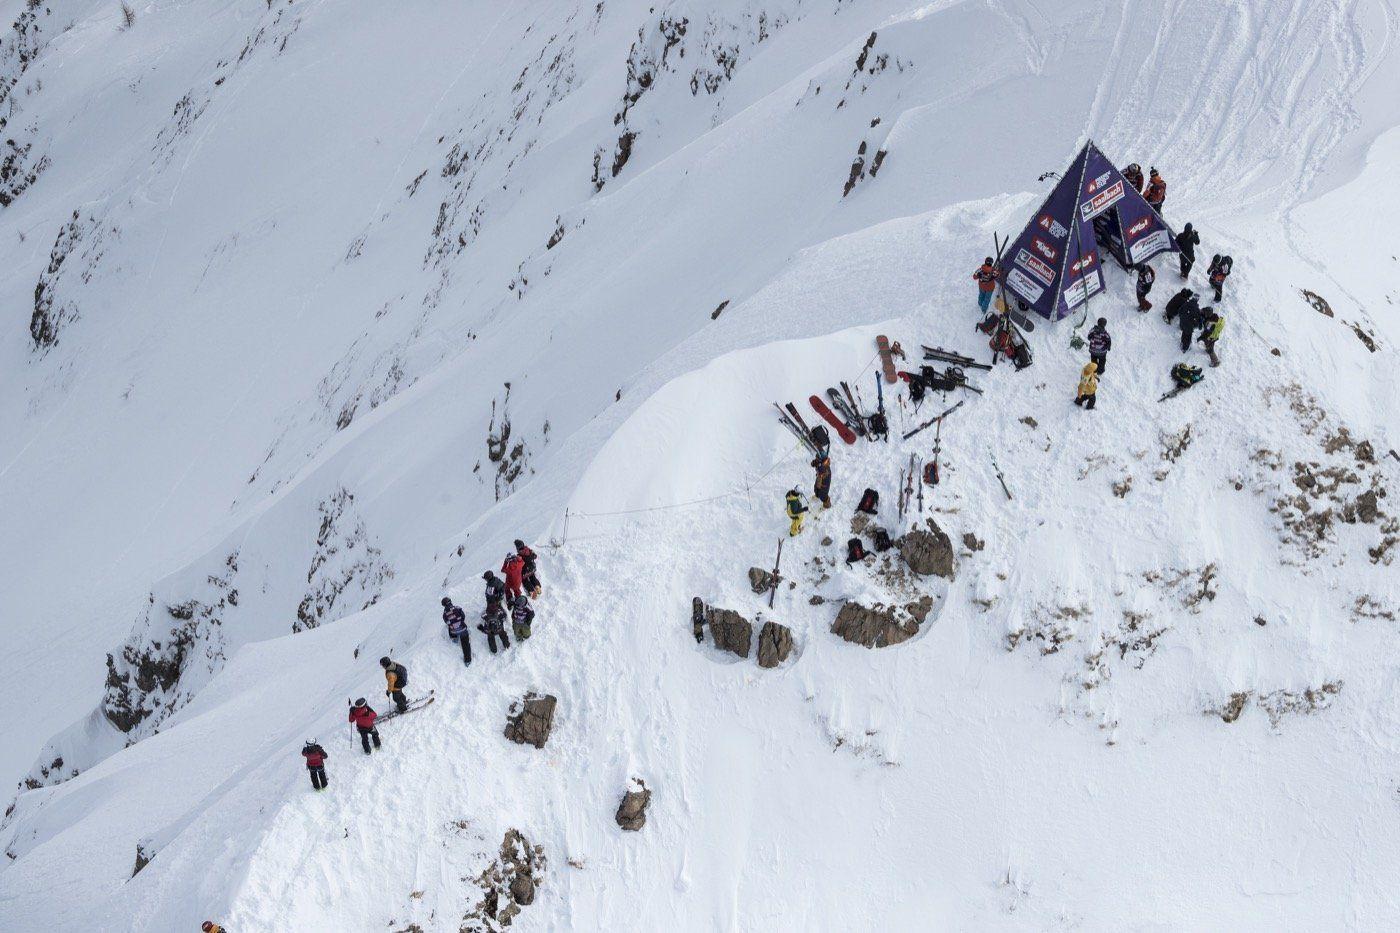 porte de départ d'une compétition de ski freeride